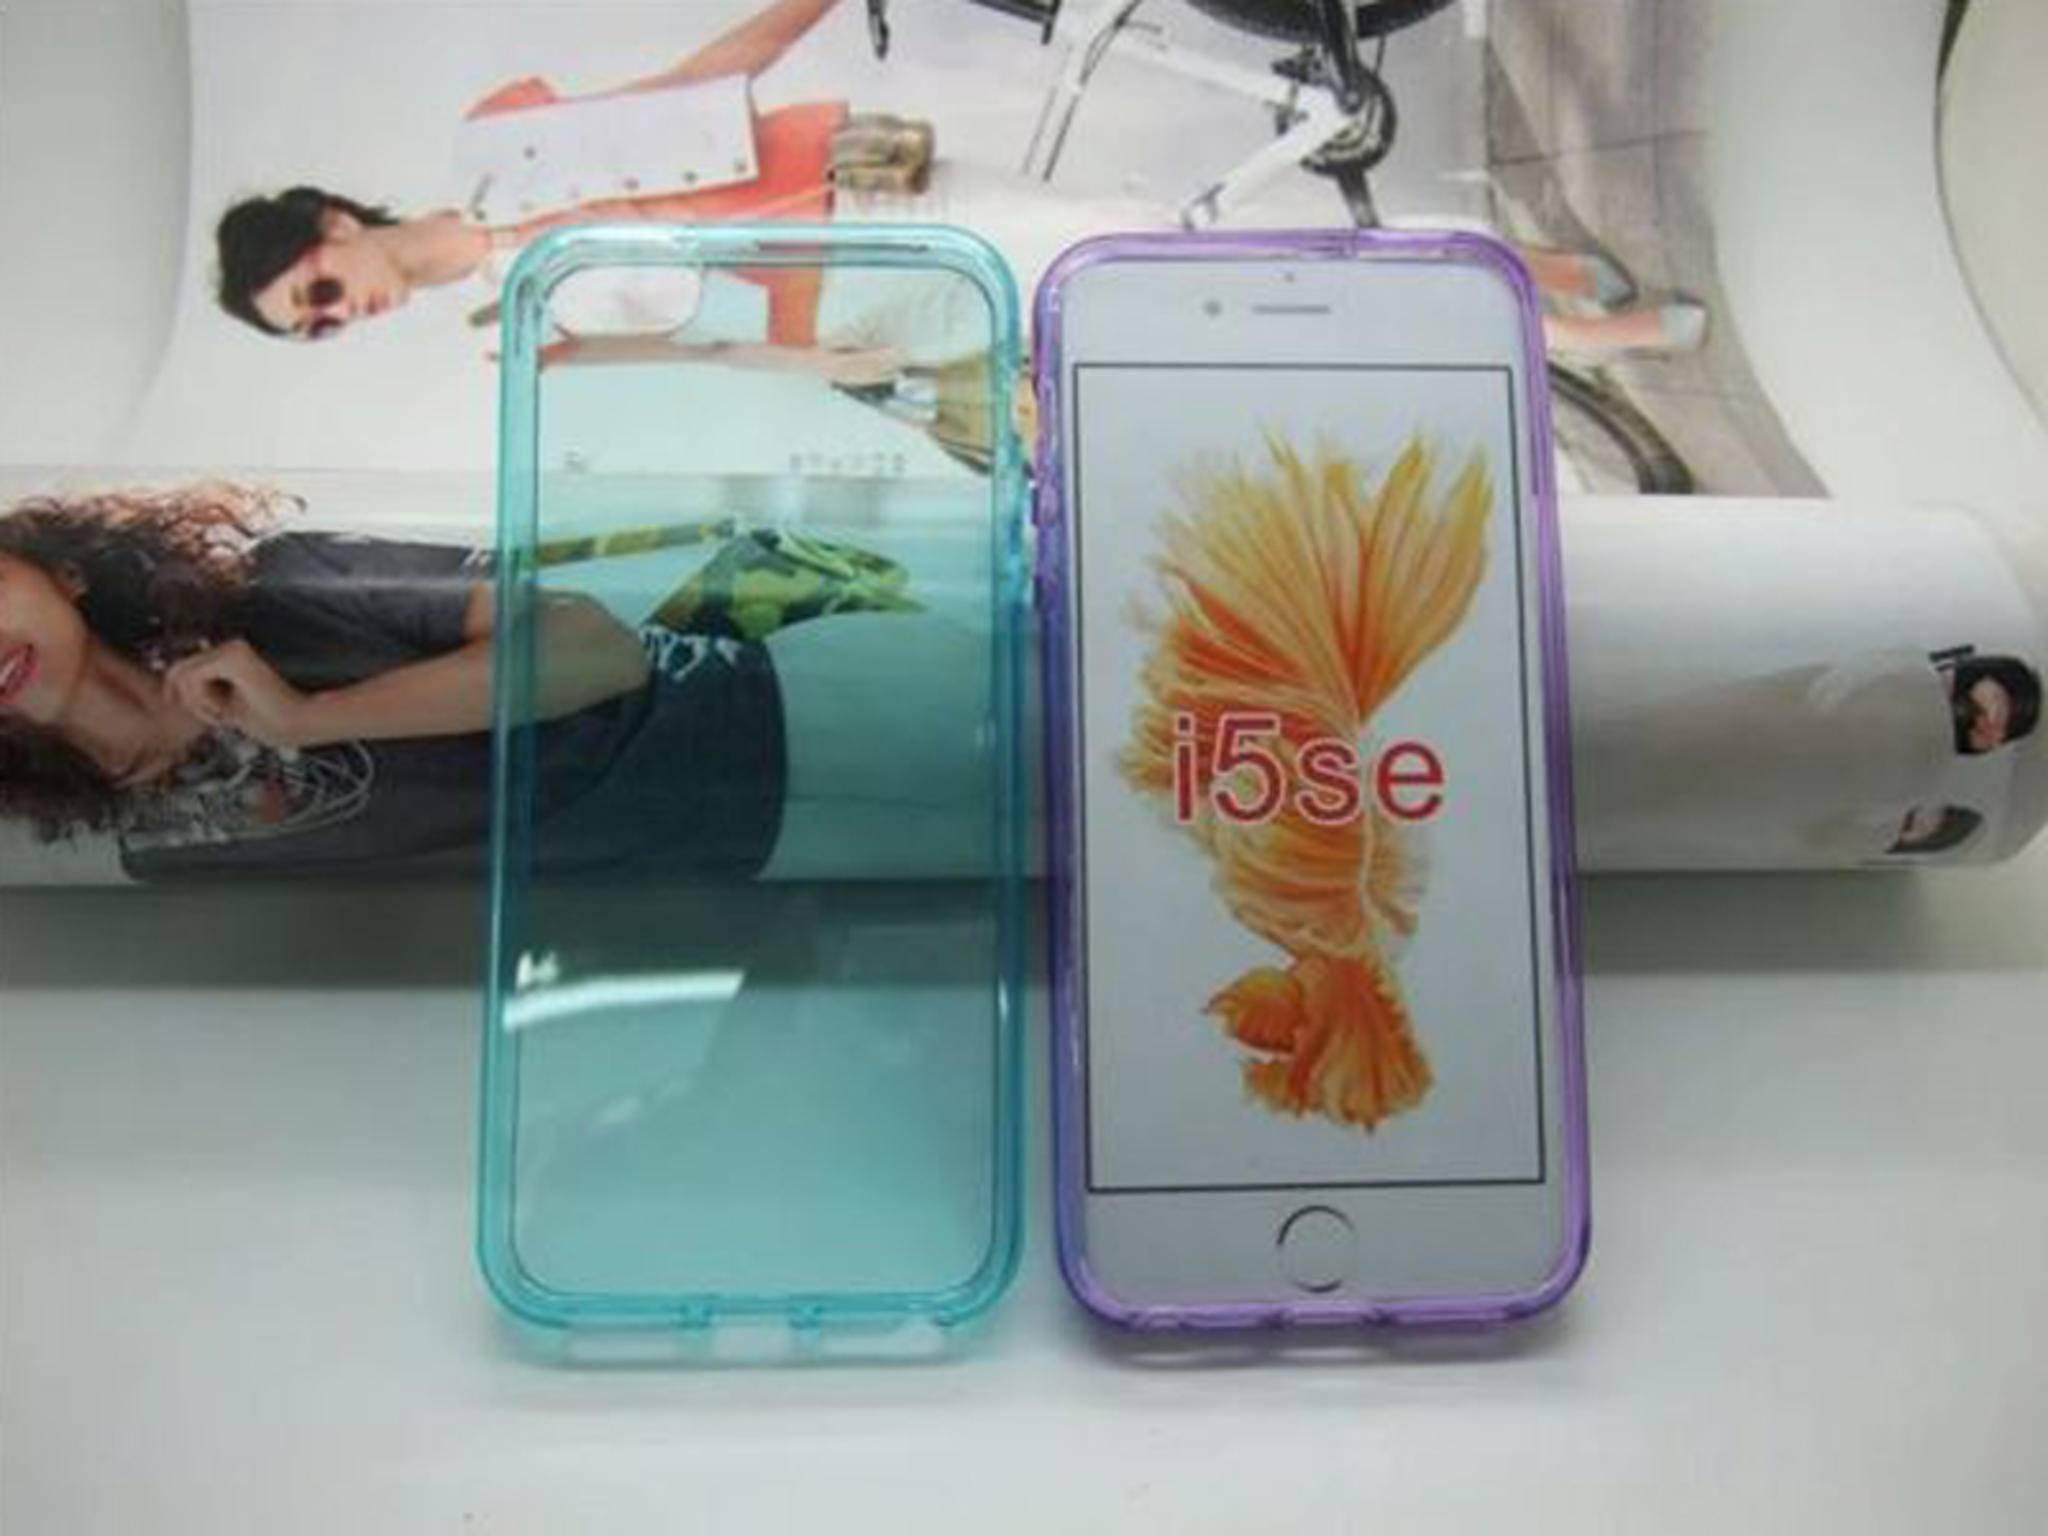 Gibt das Case einen Ausblick auf das iPhone 5se?